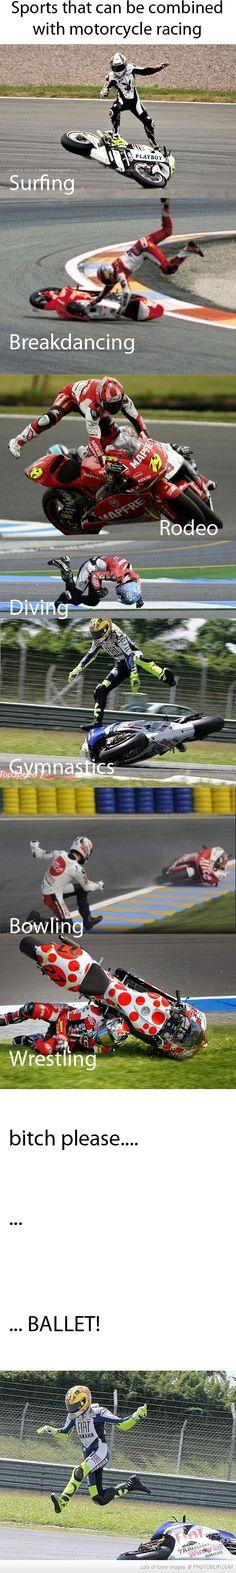 Haha, hilarious! #MotoGP